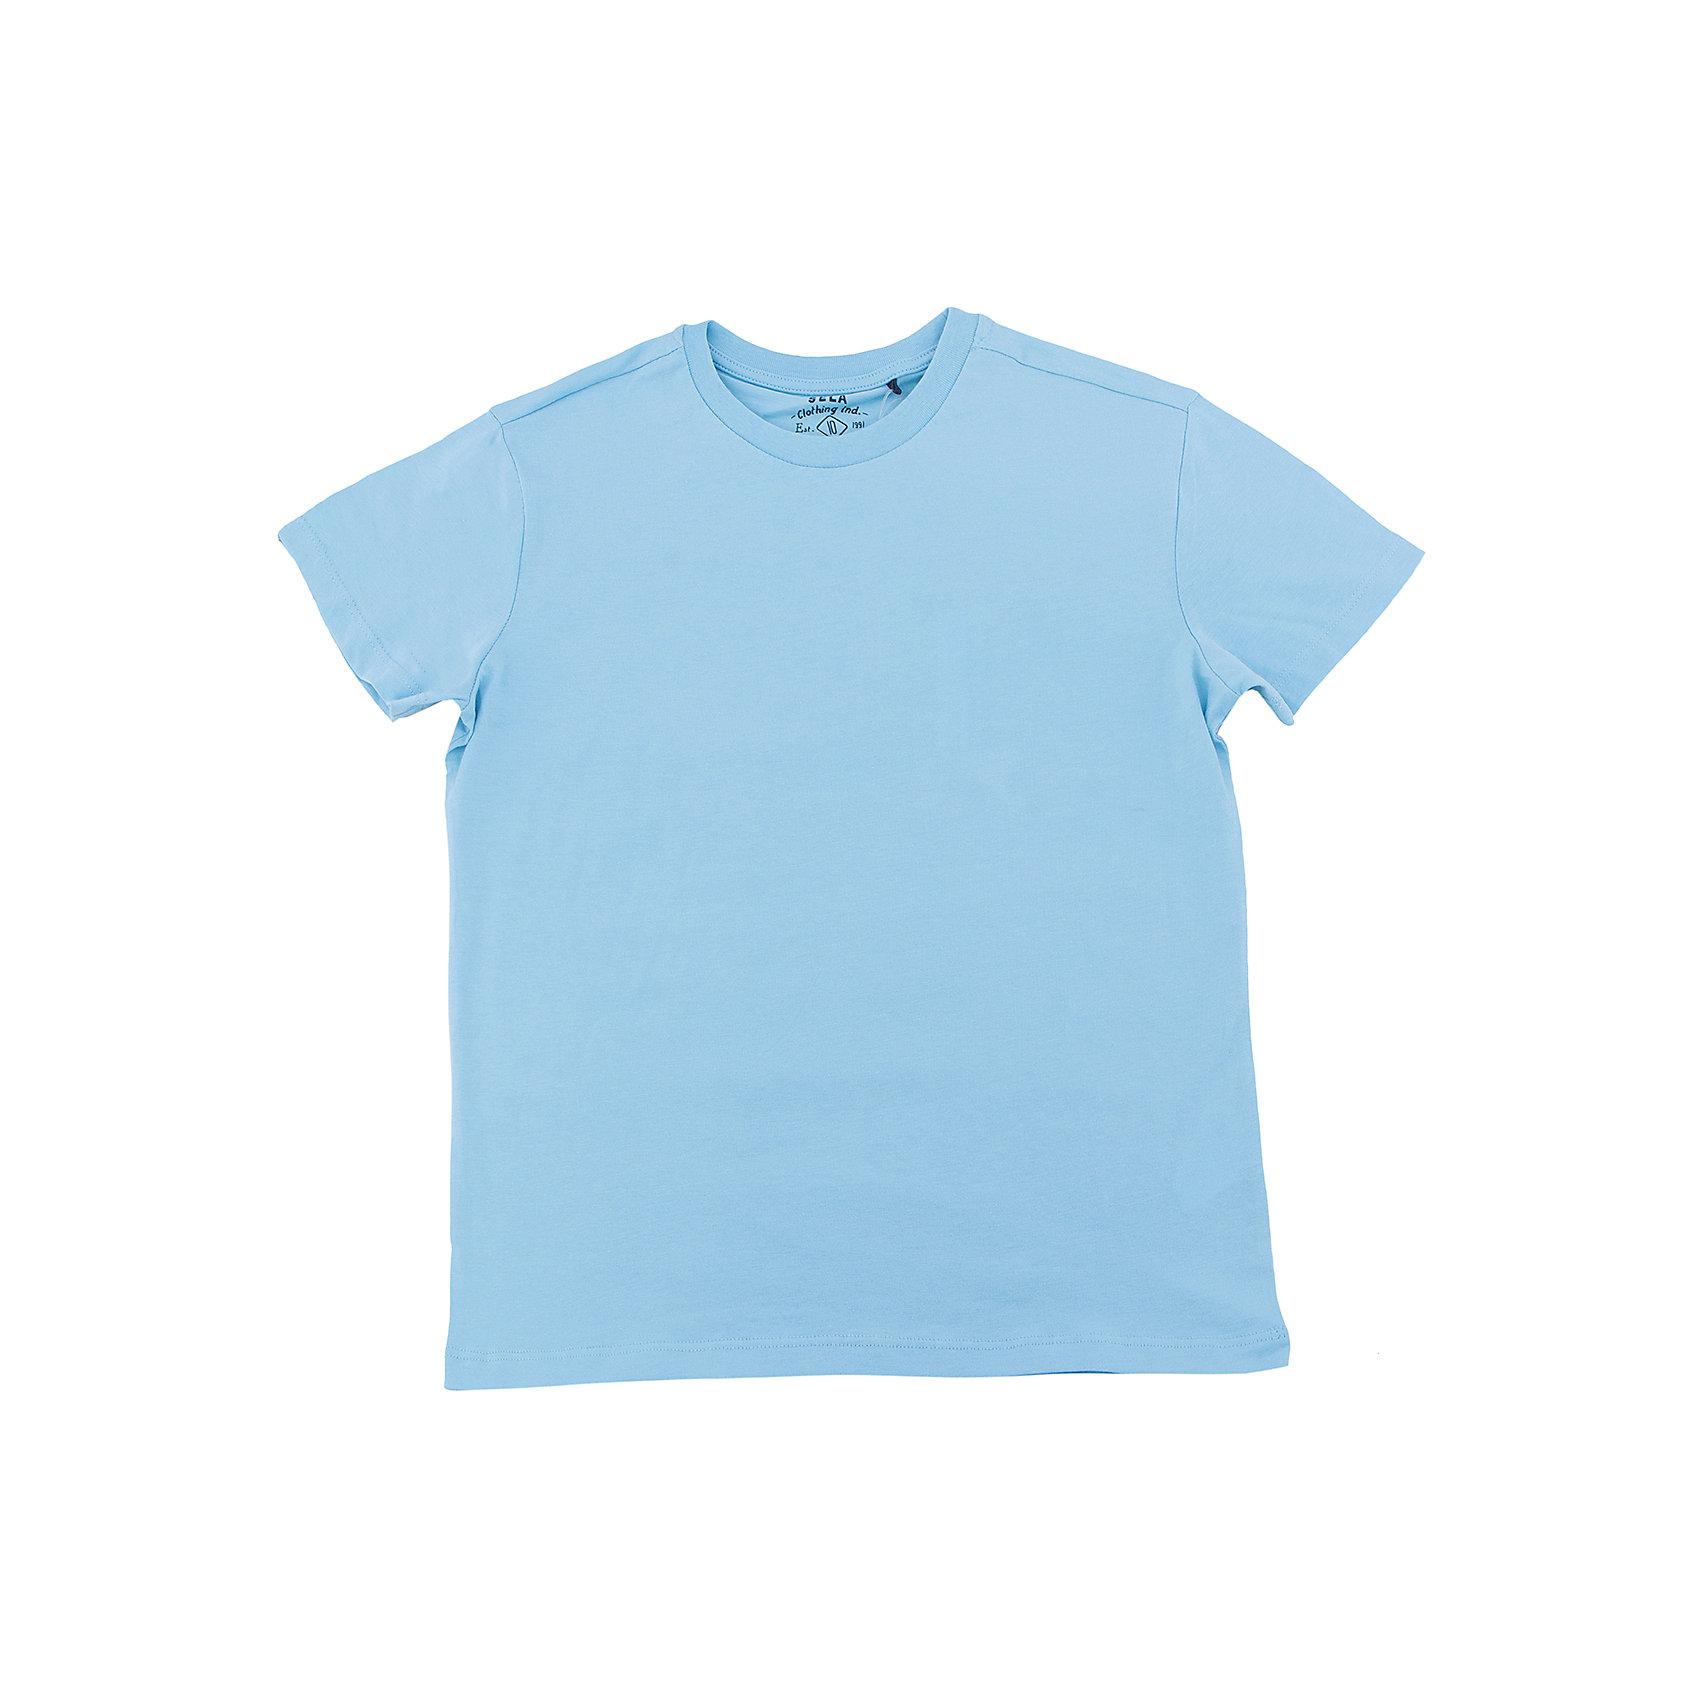 Футболка  мальчика SELAФутболки, поло и топы<br>Характеристики товара:<br><br>• цвет: голубой<br>• состав: 100% хлопок<br>• однотонная<br>• короткие рукава<br>• округлый горловой вырез<br>• коллекция весна-лето 2017<br>• страна бренда: Российская Федерация<br><br>В новой коллекции SELA отличные модели одежды! Эта футболка для мальчика поможет разнообразить гардероб ребенка и обеспечить комфорт. Она отлично сочетается с джинсами и брюками. Удобная базовая вещь!<br><br>Одежда, обувь и аксессуары от российского бренда SELA не зря пользуются большой популярностью у детей и взрослых! Модели этой марки - стильные и удобные, цена при этом неизменно остается доступной. Для их производства используются только безопасные, качественные материалы и фурнитура. Новая коллекция поддерживает хорошие традиции бренда! <br><br>Футболку для мальчика от популярного бренда SELA (СЕЛА) можно купить в нашем интернет-магазине.<br><br>Ширина мм: 230<br>Глубина мм: 40<br>Высота мм: 220<br>Вес г: 250<br>Цвет: голубой<br>Возраст от месяцев: 108<br>Возраст до месяцев: 120<br>Пол: Мужской<br>Возраст: Детский<br>Размер: 140,134,146,152,116,122,128<br>SKU: 5304311